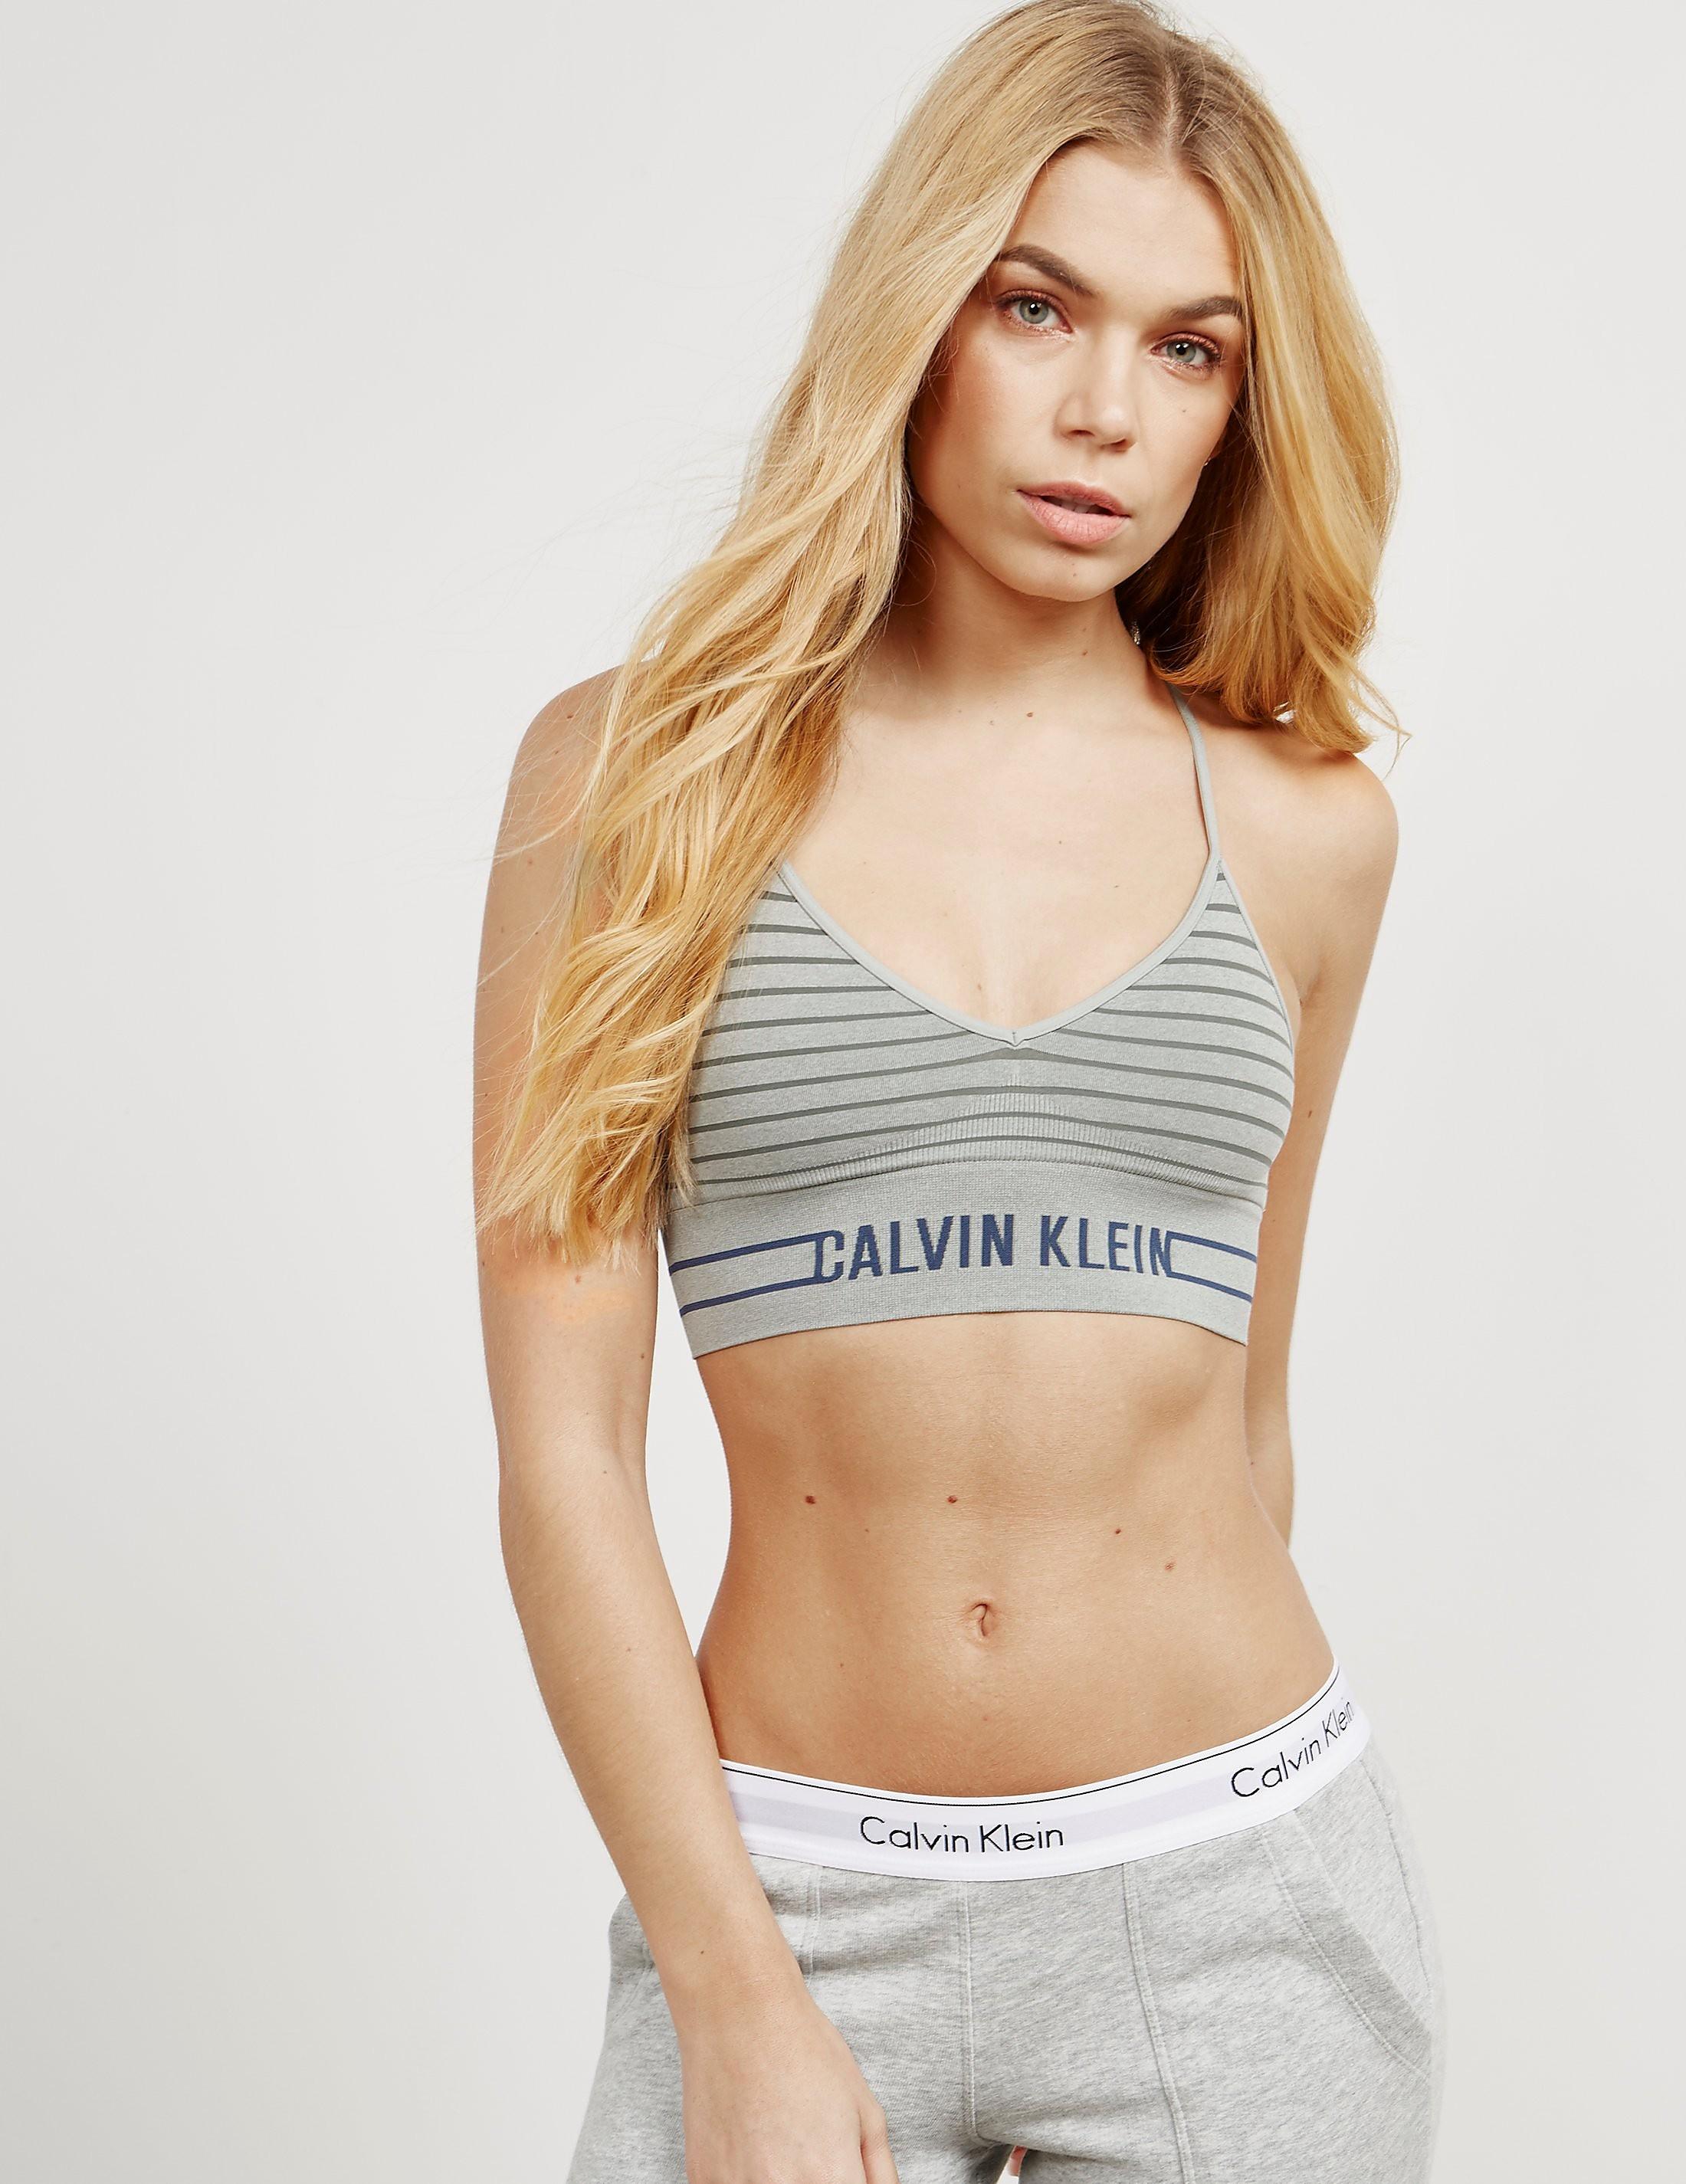 Calvin Klein Striped Bralette - Online Exclusive